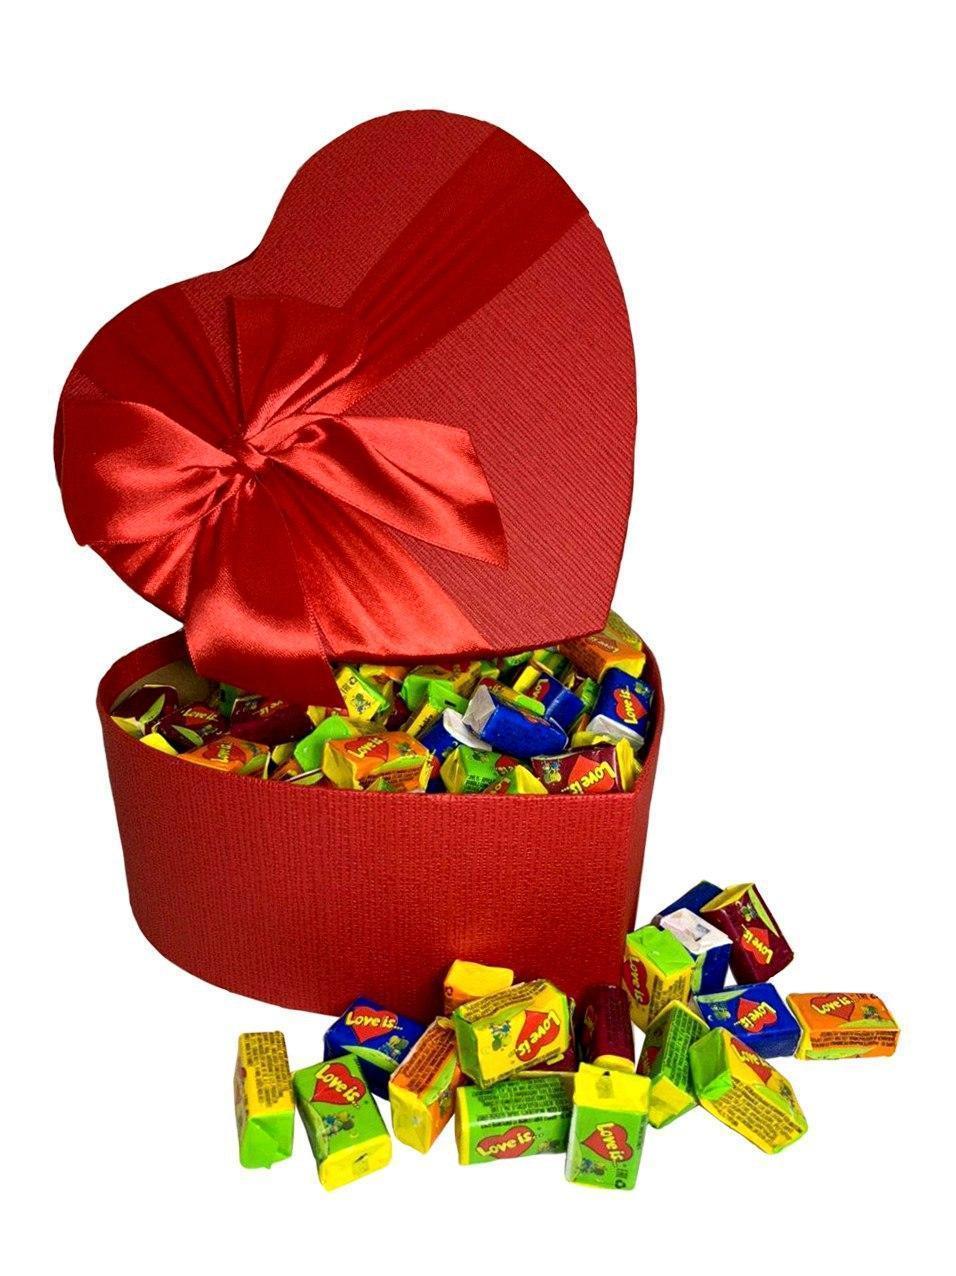 Купить Жевательная жвачка Love is, жвачки лове ис ассорти в подарочной упаковке 150 шт красная